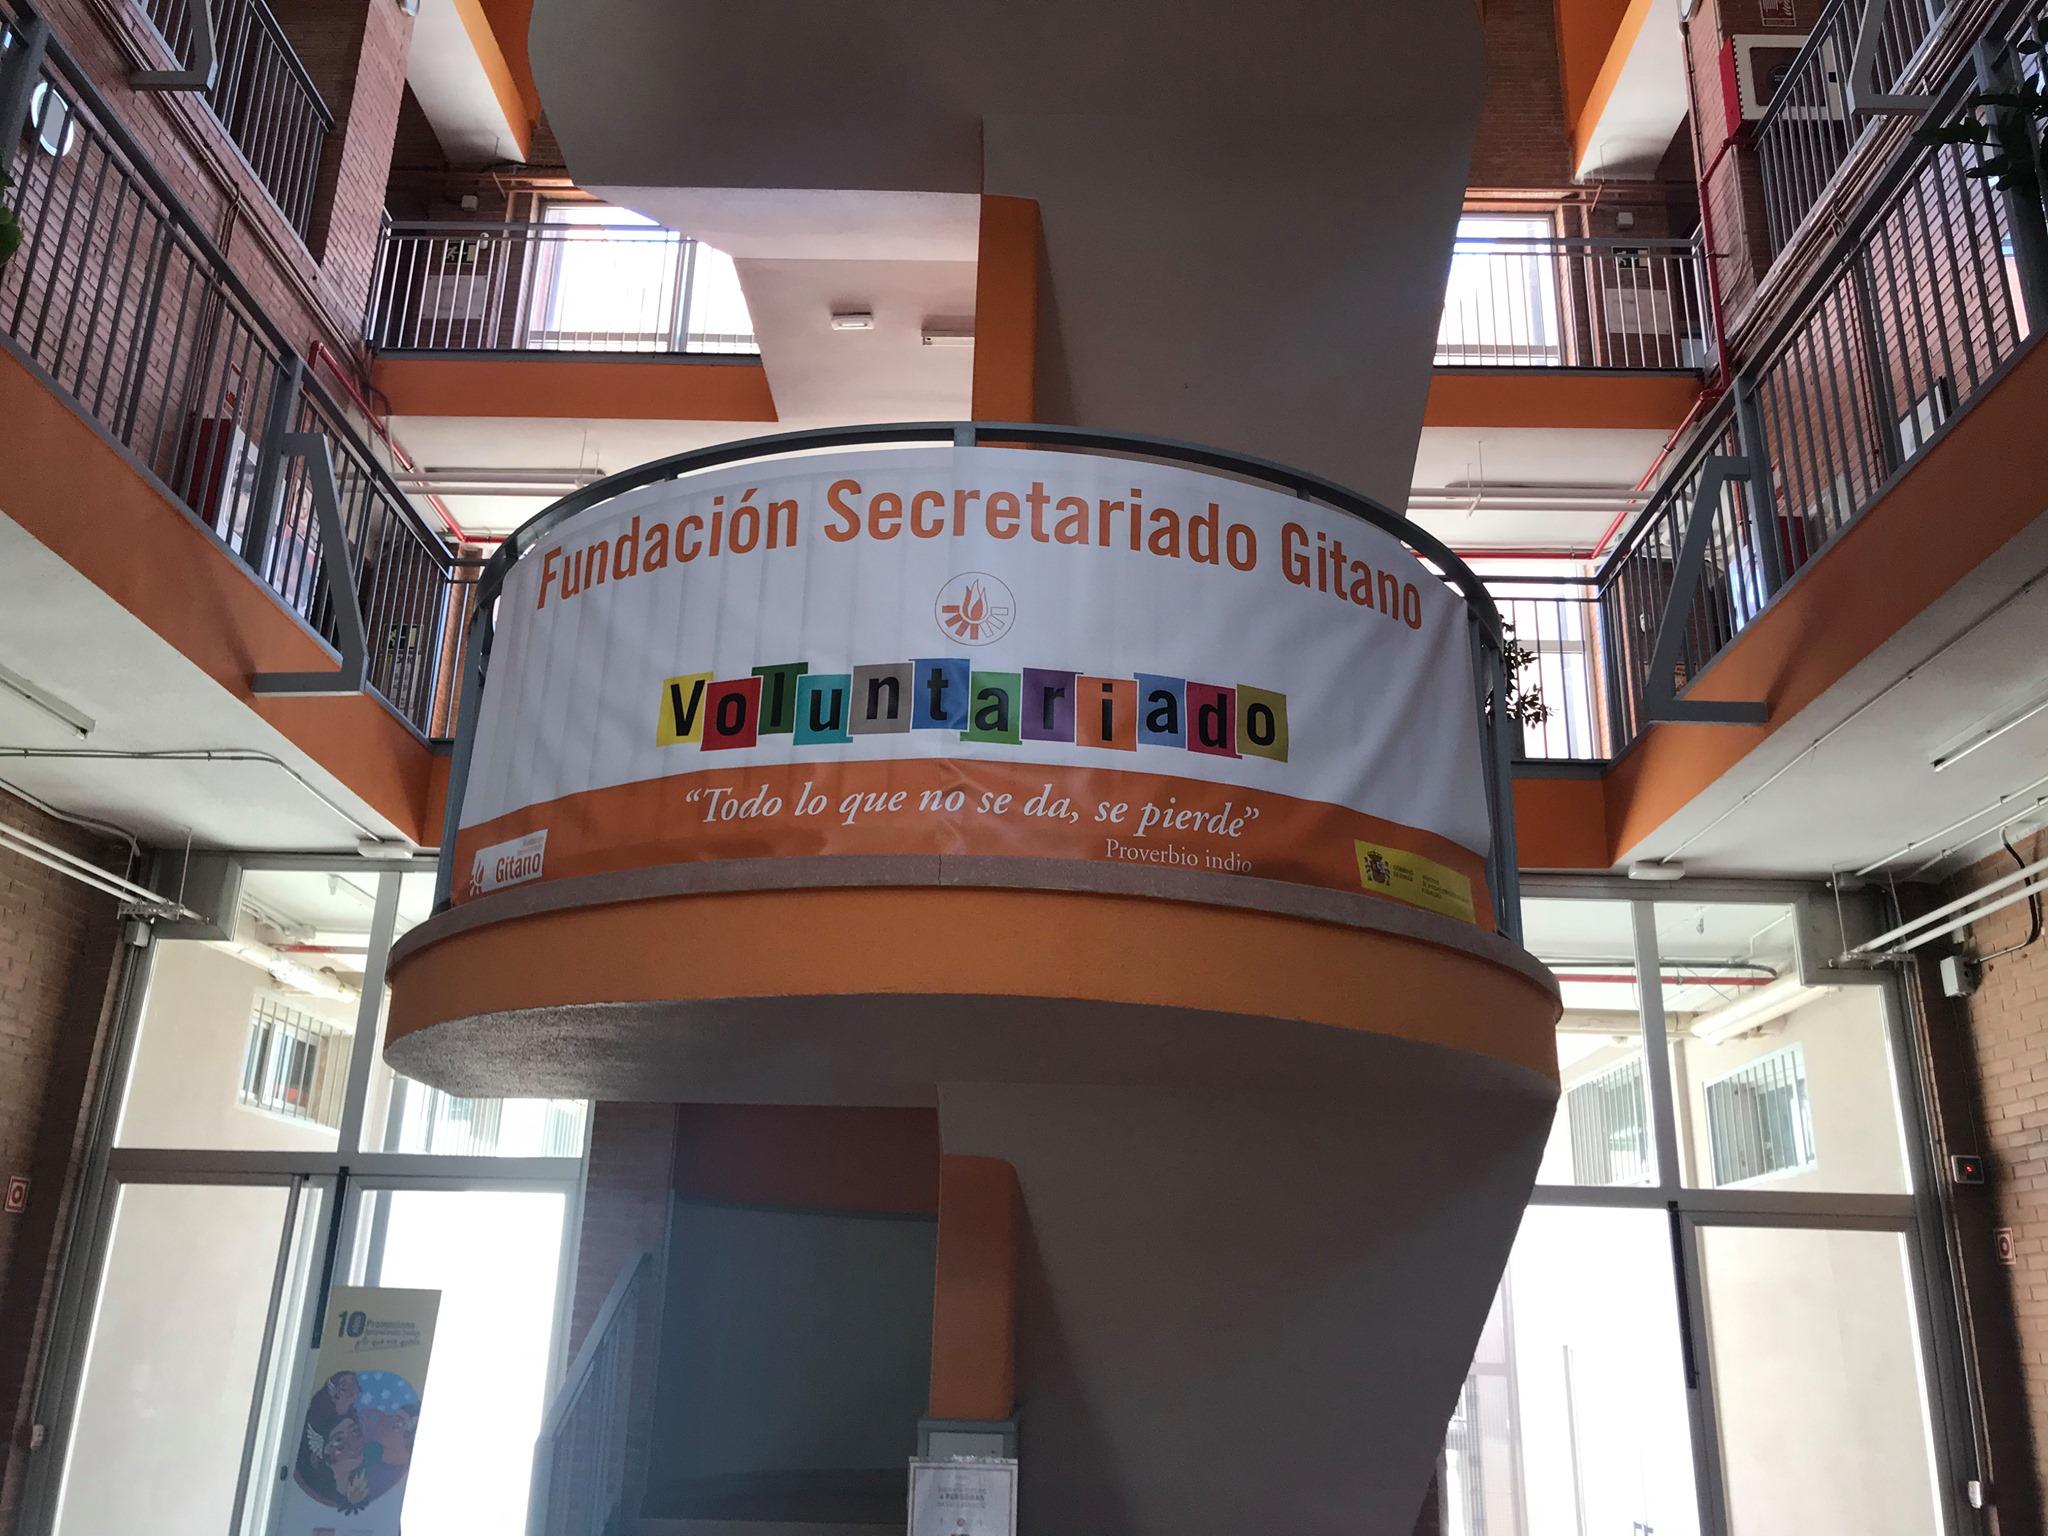 sede de la fundación secretariado gitano